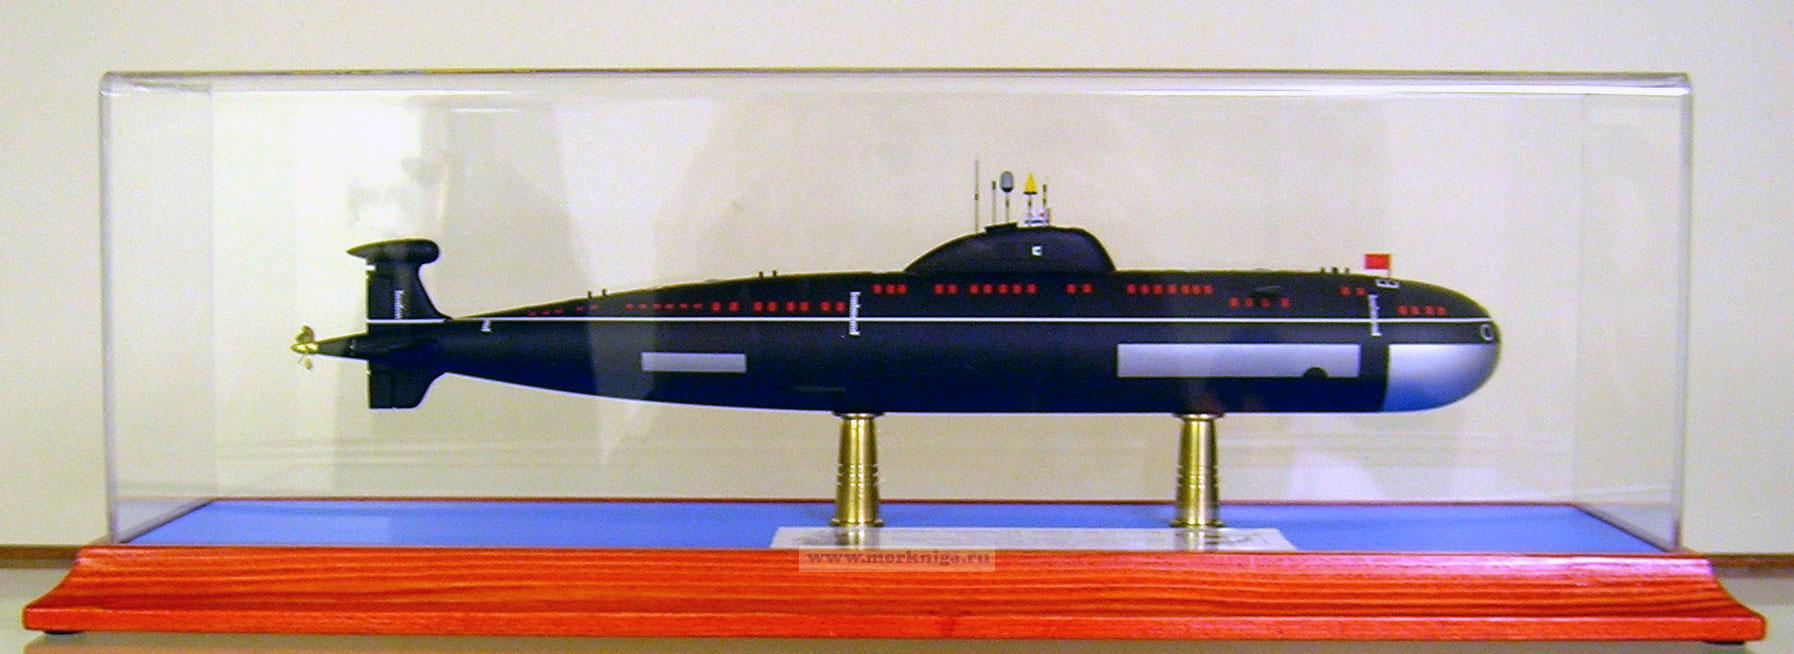 Макет атомной подводной лодки проекта 671 РТМ. Класс НАТО - ВИКТОР-III. (Масштаб 1:400)